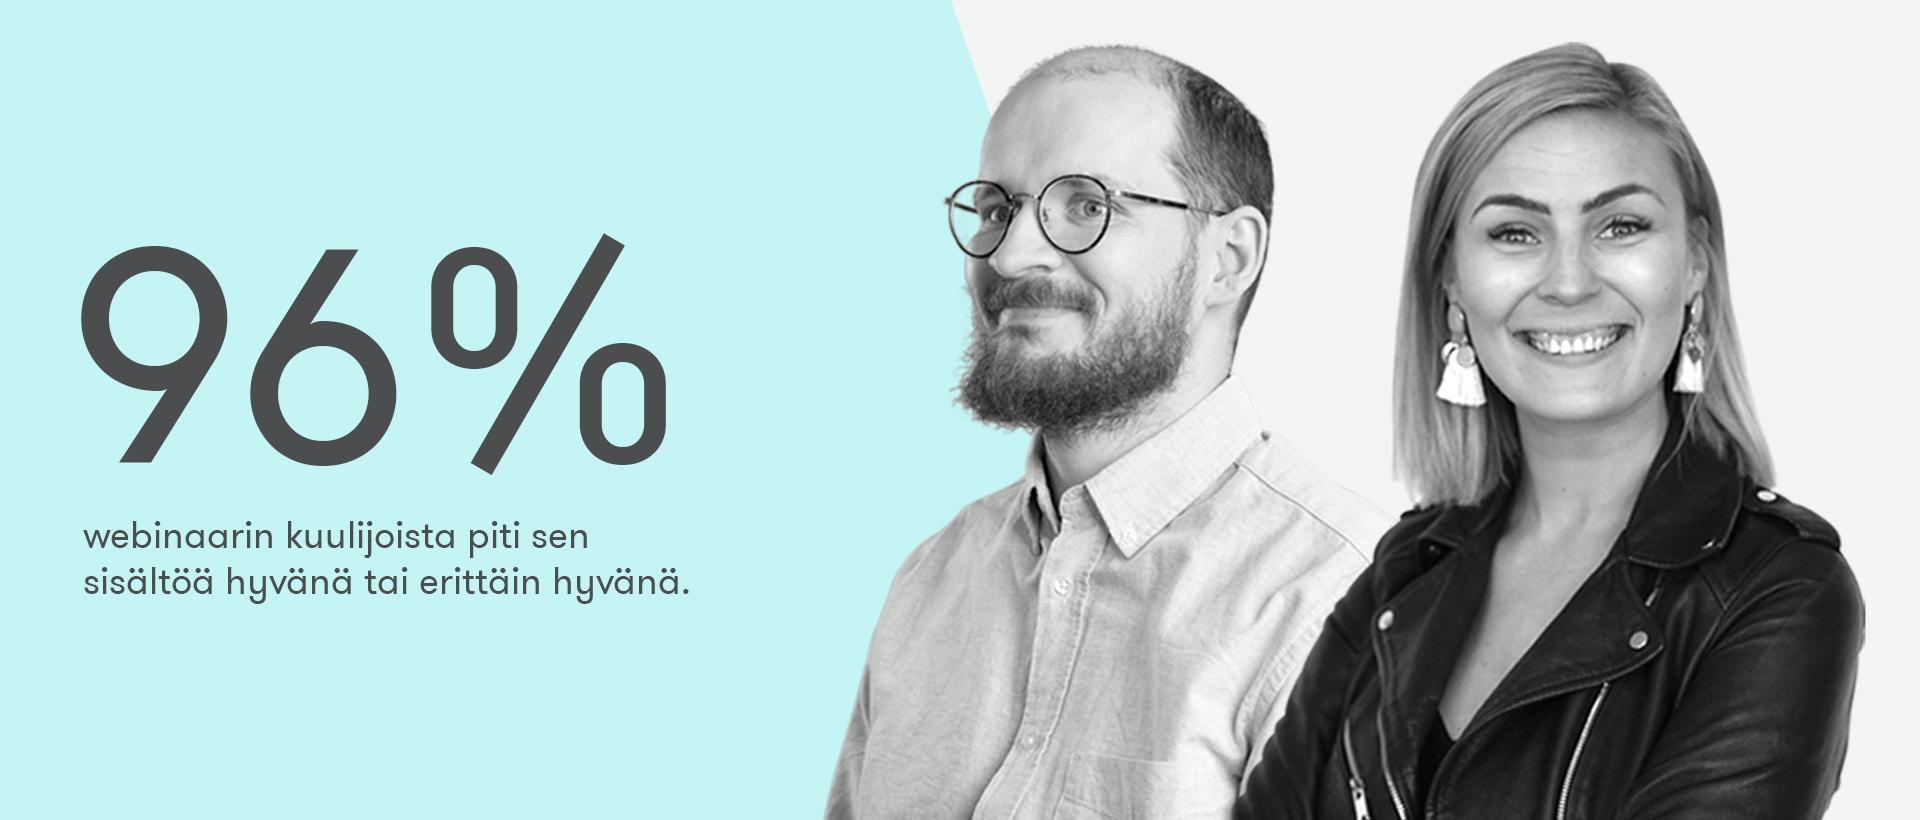 Sosiaalinen media vuonna 2021 -webinaarin kuulijoista 96% piti sitä hyvänä tai erittäin hyvänä